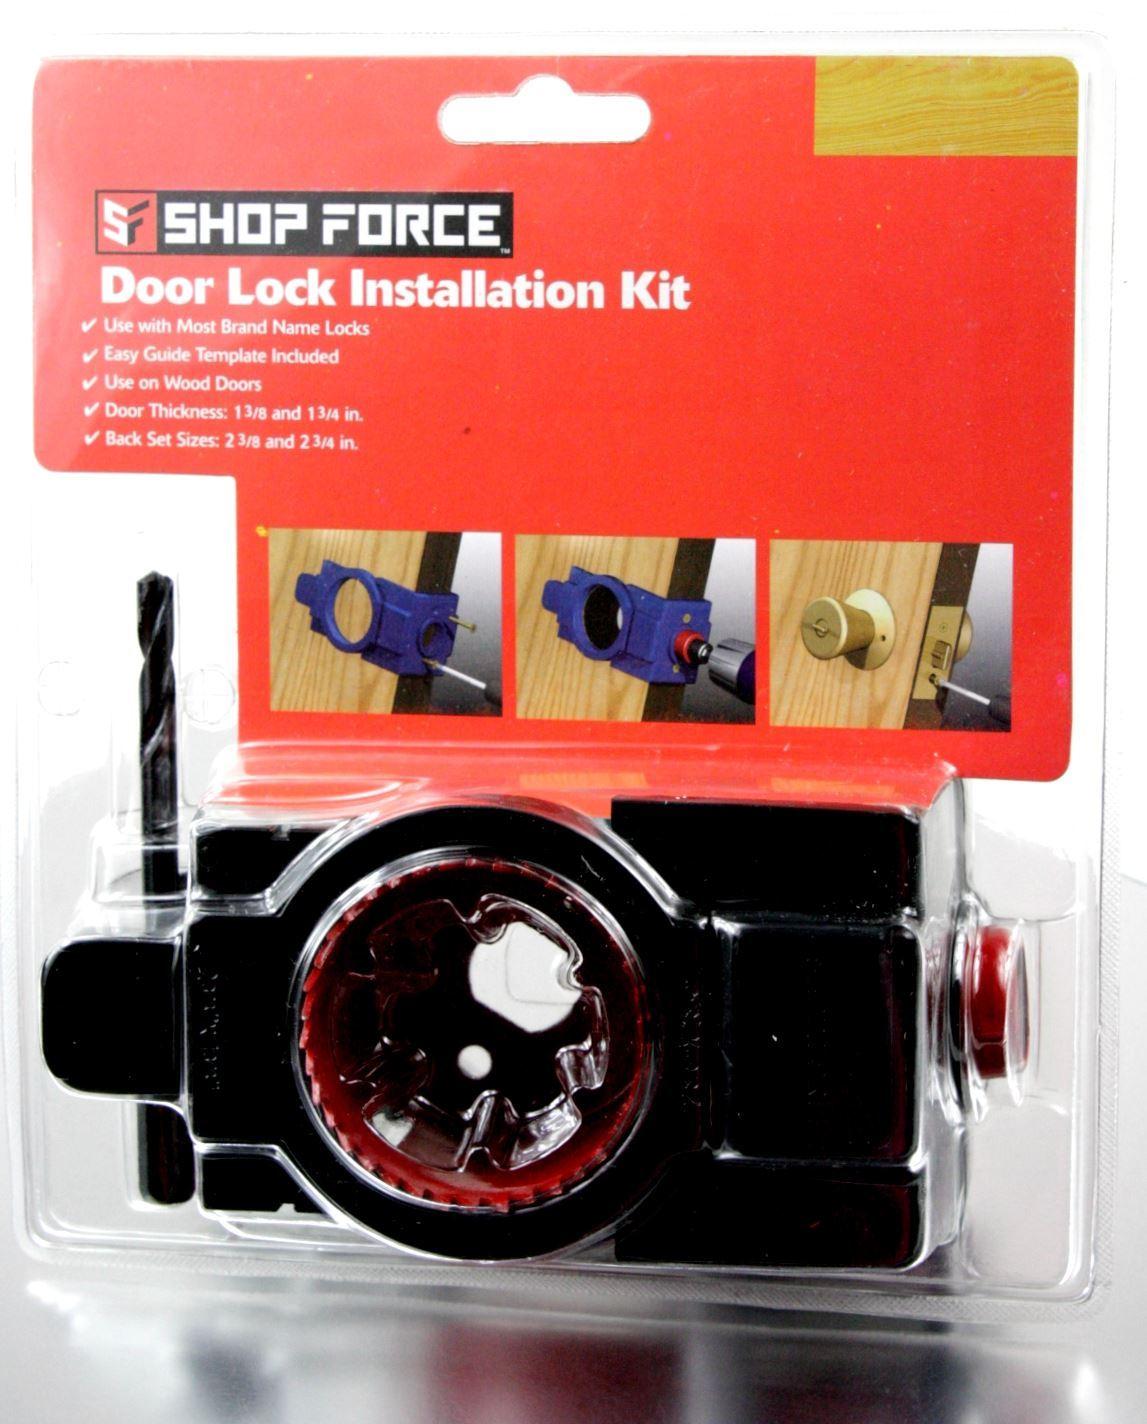 Wood Door Lock Installation Kit : Pack shop force door lock installation kit for solid